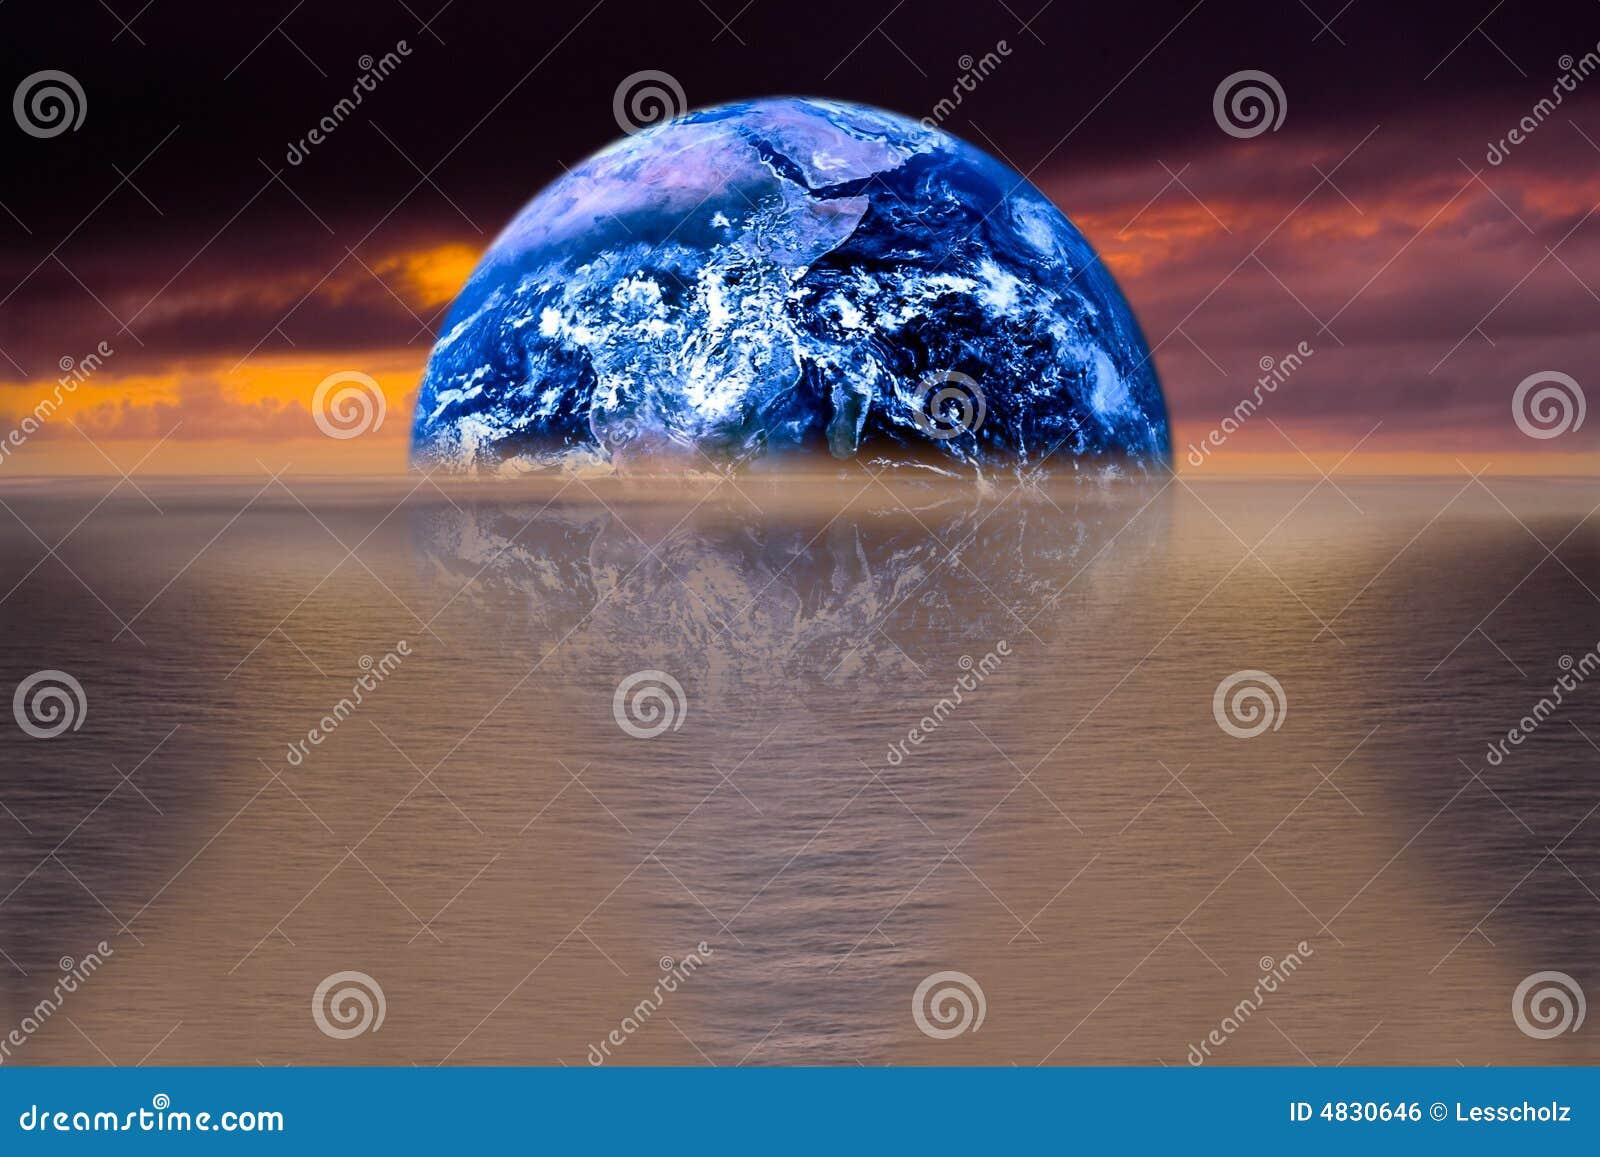 σαν ωκεανό γήινης εικόνας ανασκόπησης